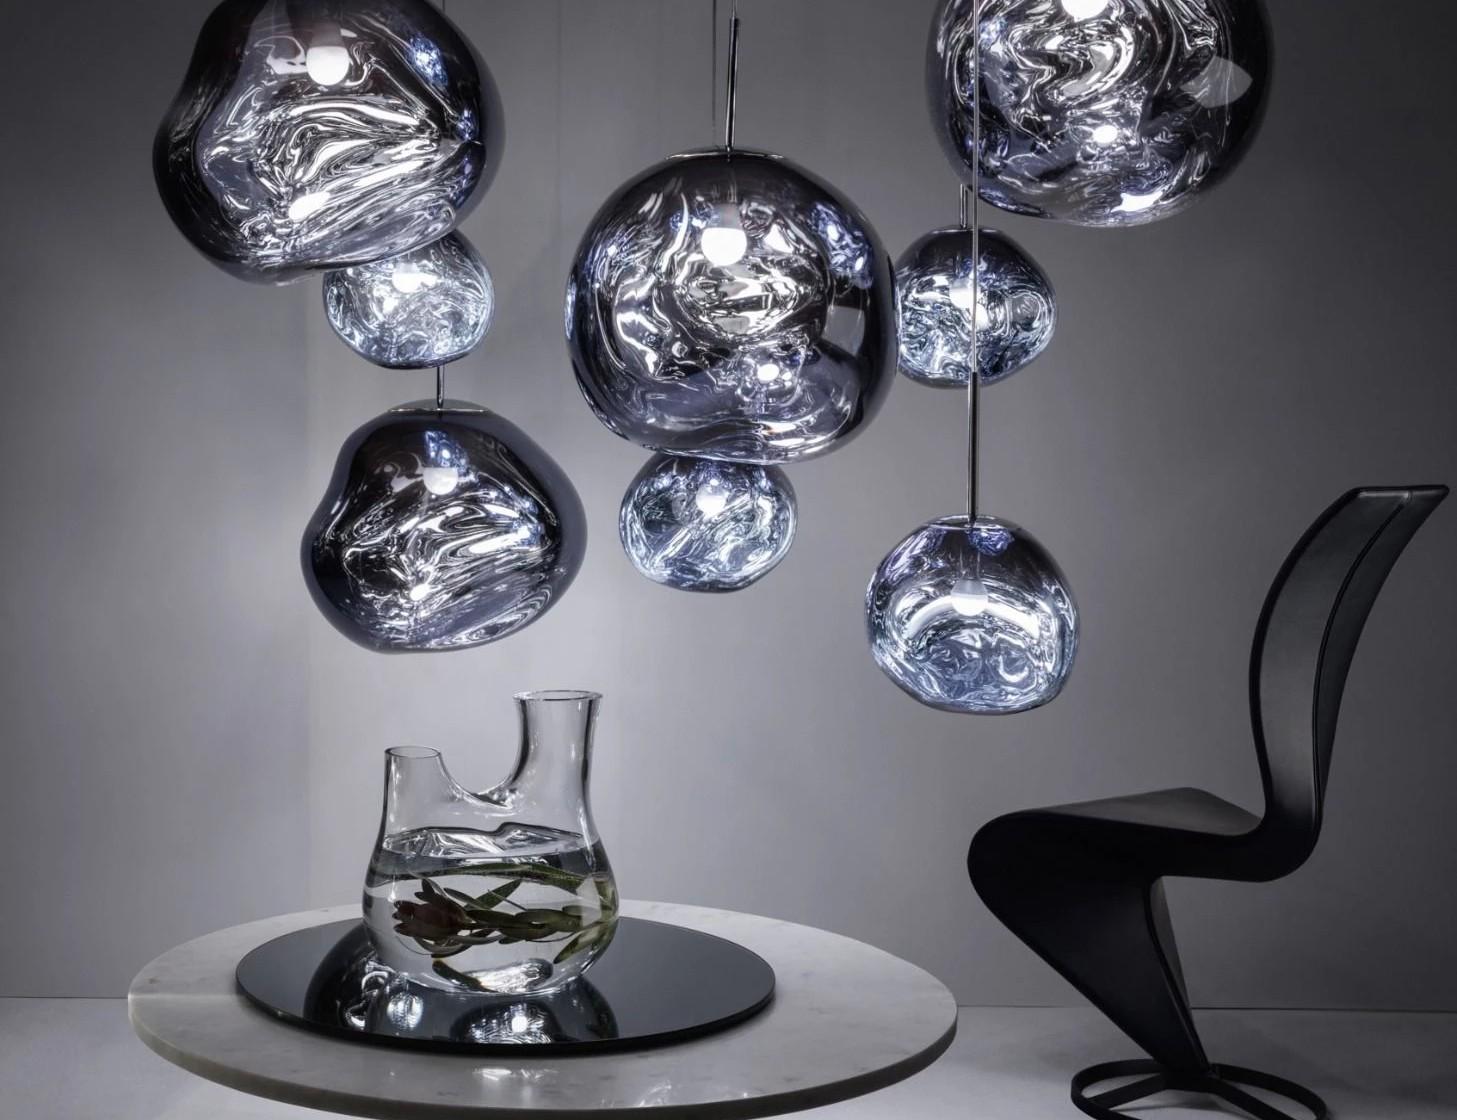 Nieuw Lamp lijkt gesmolten glas YV-46